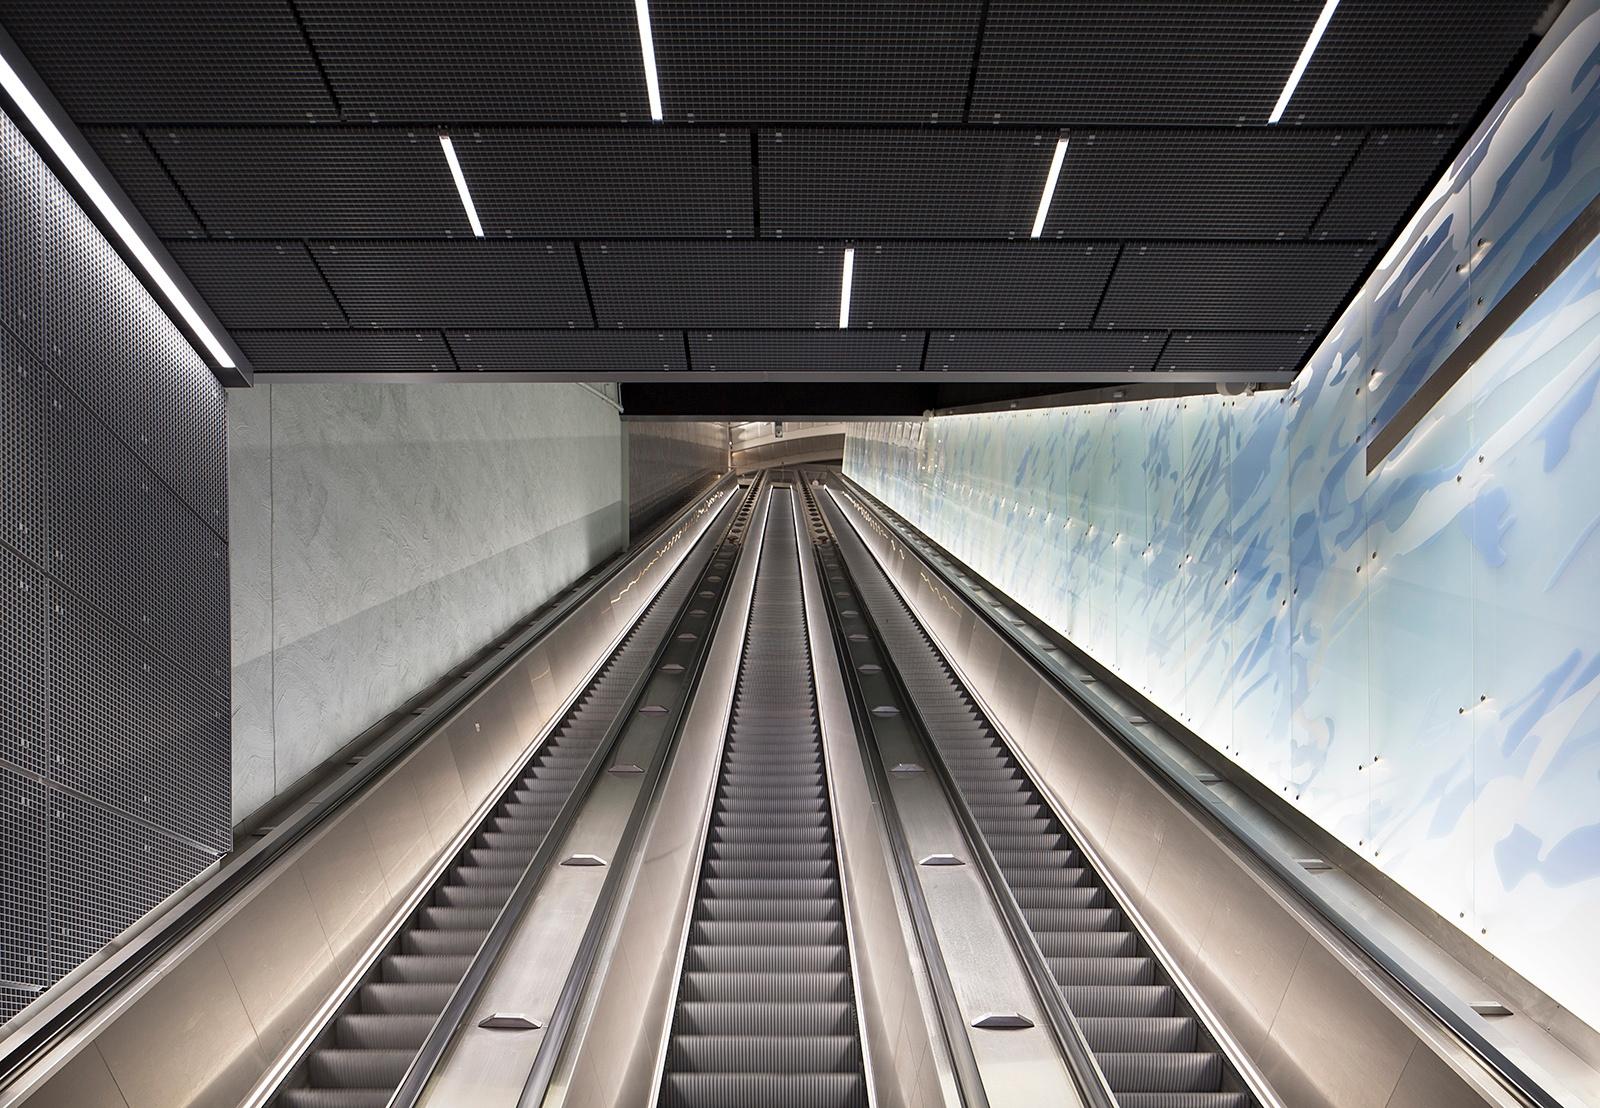 Helsinki+Metro+Station+Koivusaari+by+Petri+Vuorio_1600